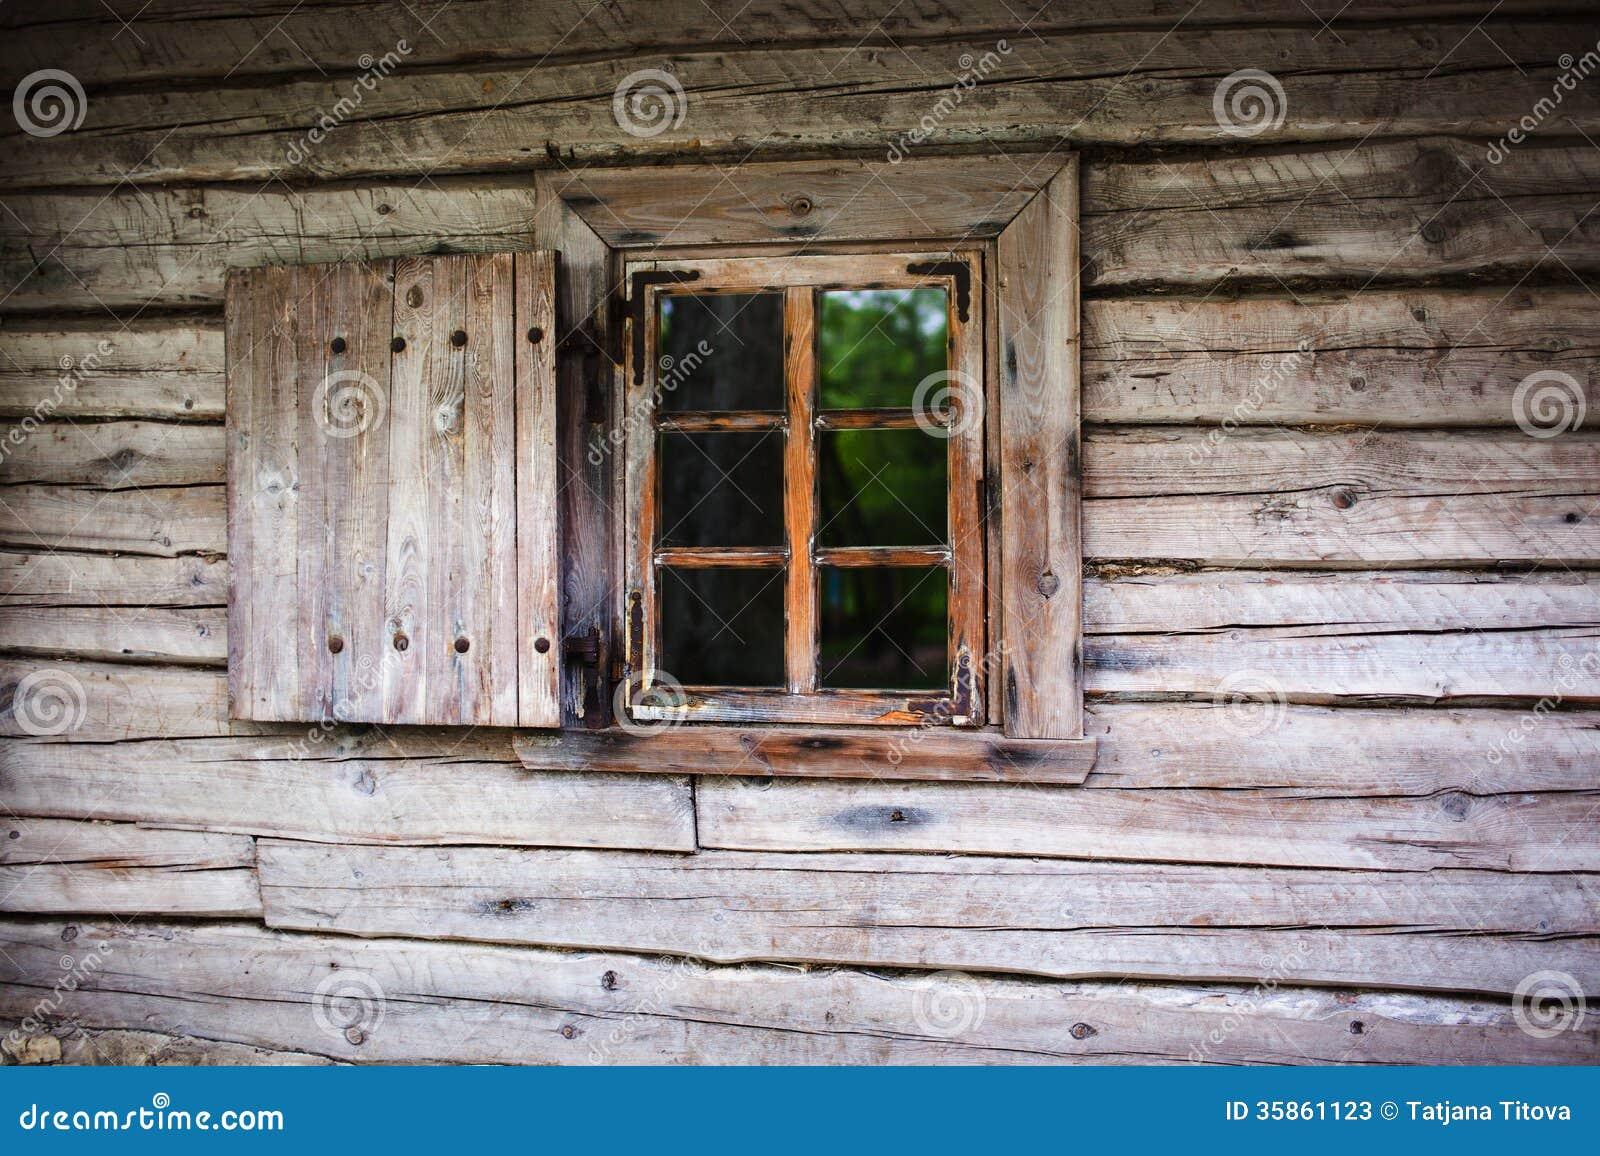 Pequeña ventana en la pared de una casa de madera vieja